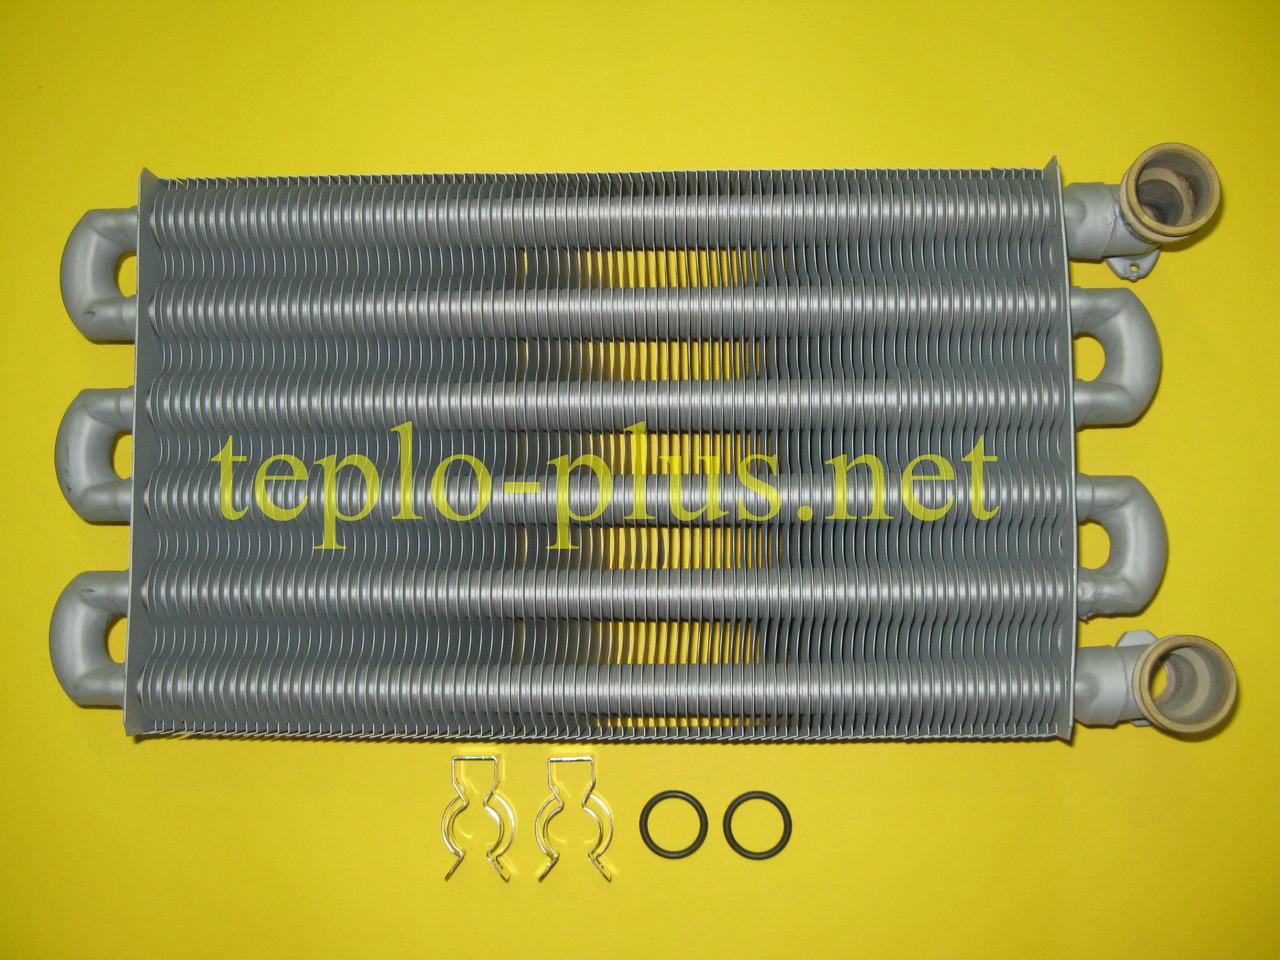 Теплообменник первичный (основной) 15003388 Hermann Supermicra 28 E/30 SE , Micra 2 30 SE, Supermaster 28 E